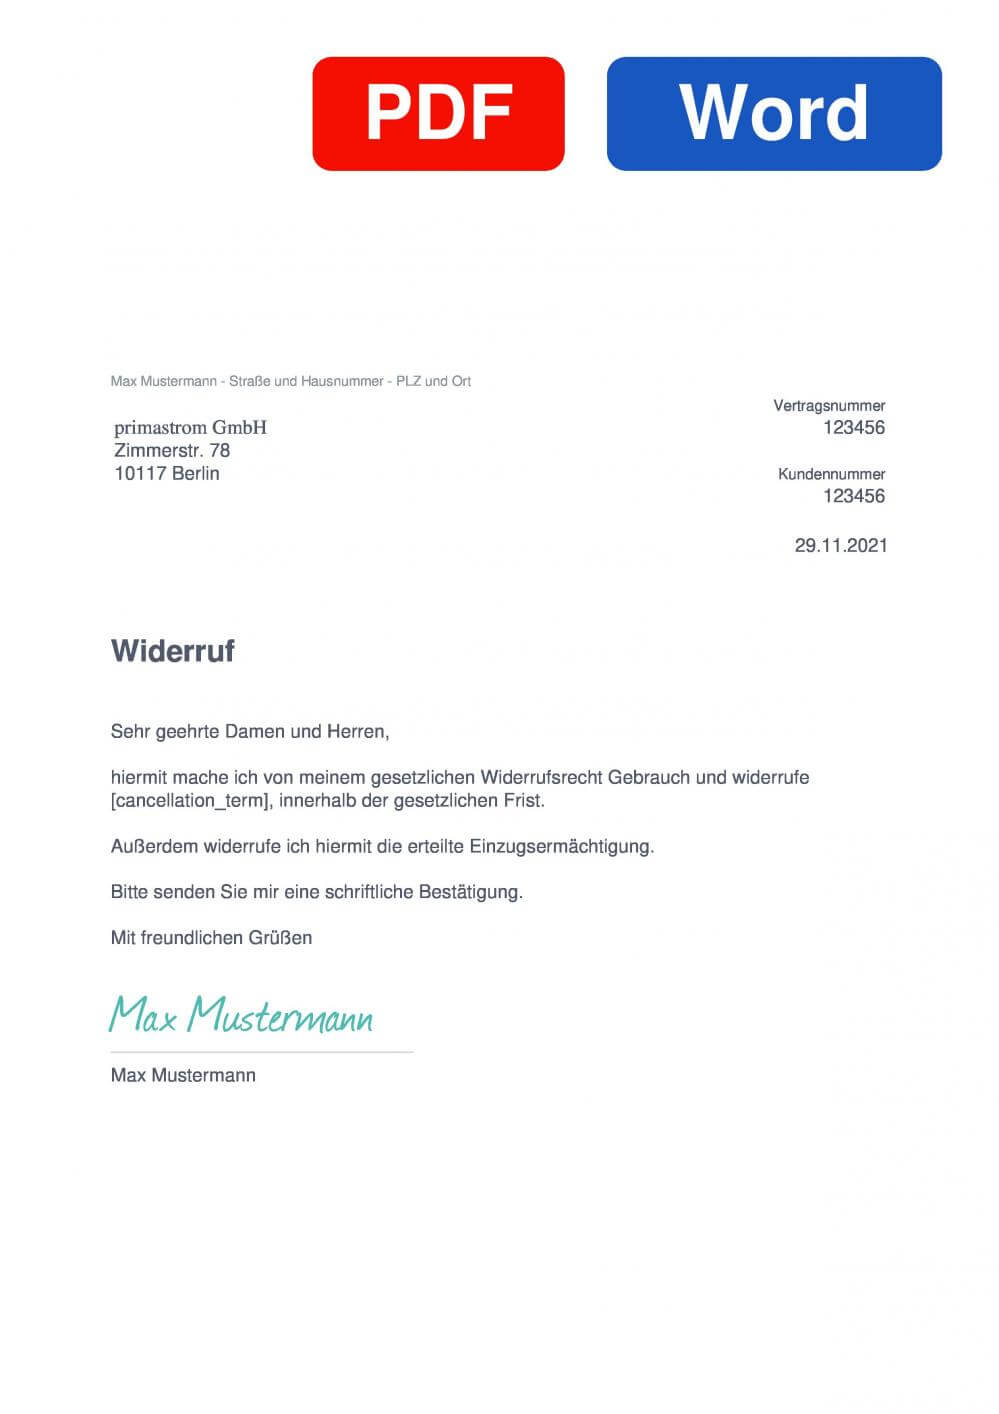 primastrom Muster Vorlage für Wiederrufsschreiben